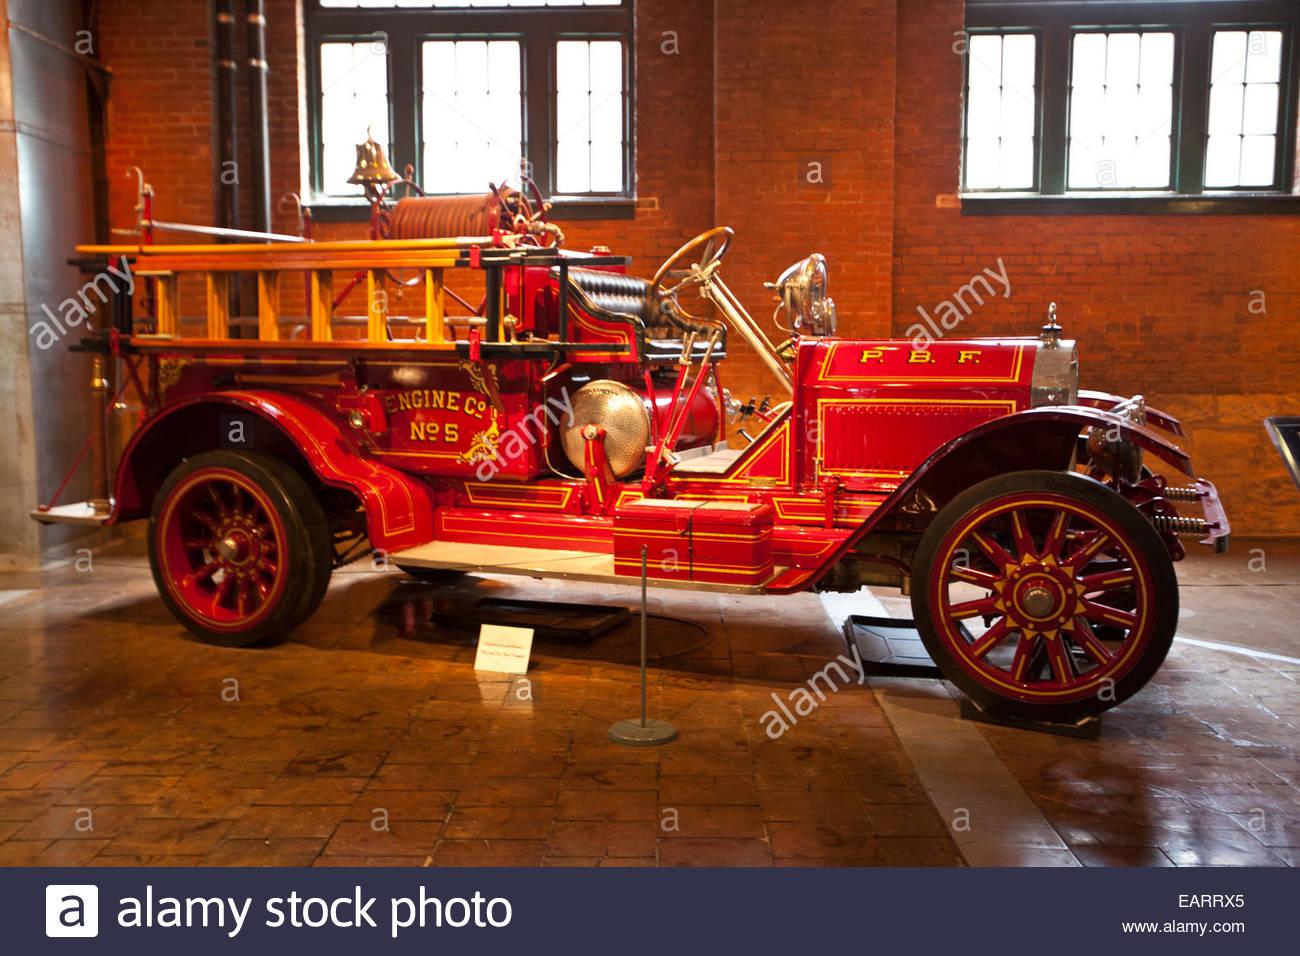 Una vendemmia inizio xx secolo motore fire. Immagini Stock